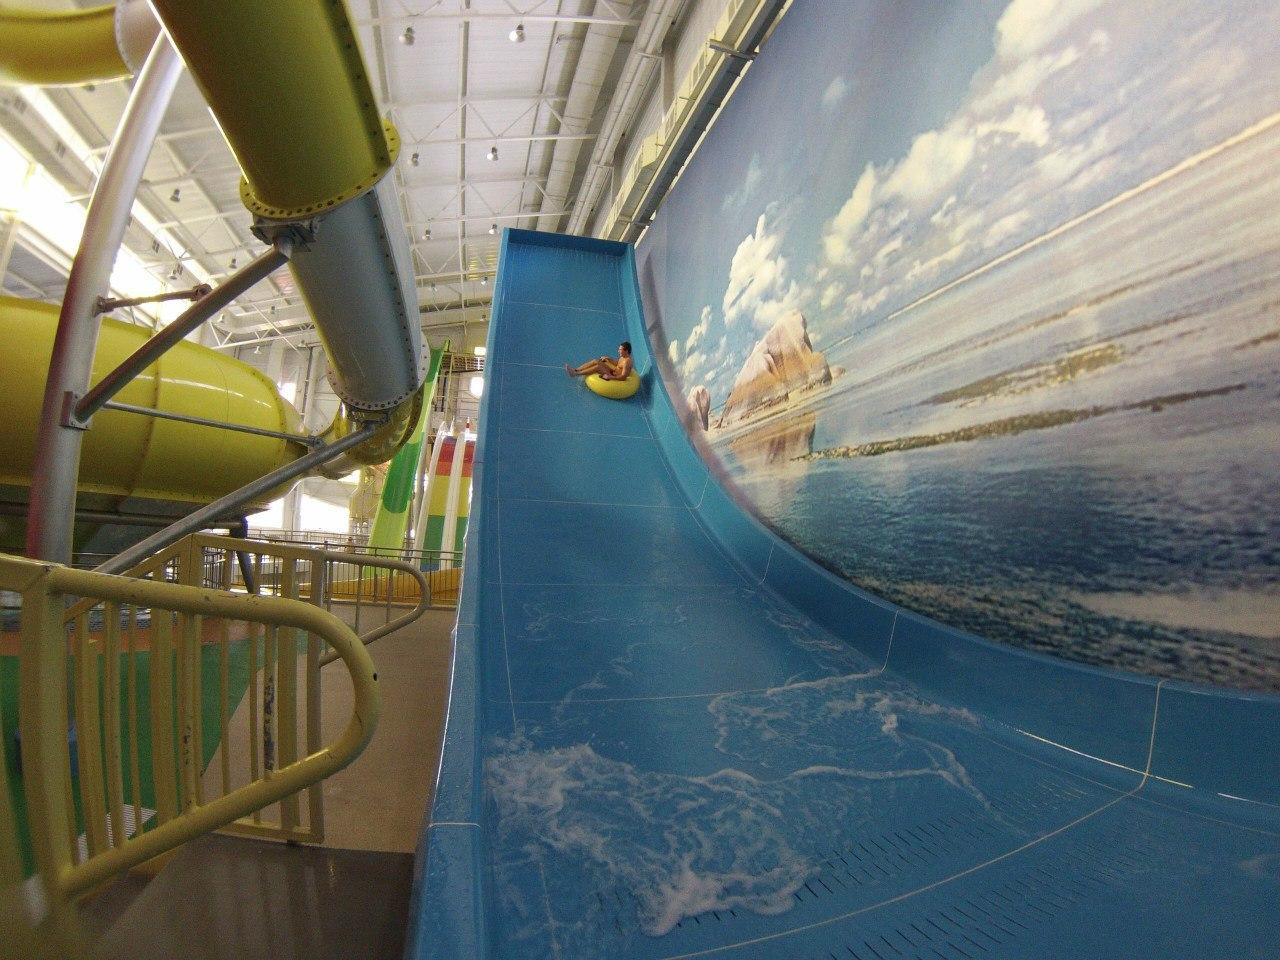 аквапарк в омске фото нашем телеканале выйдет